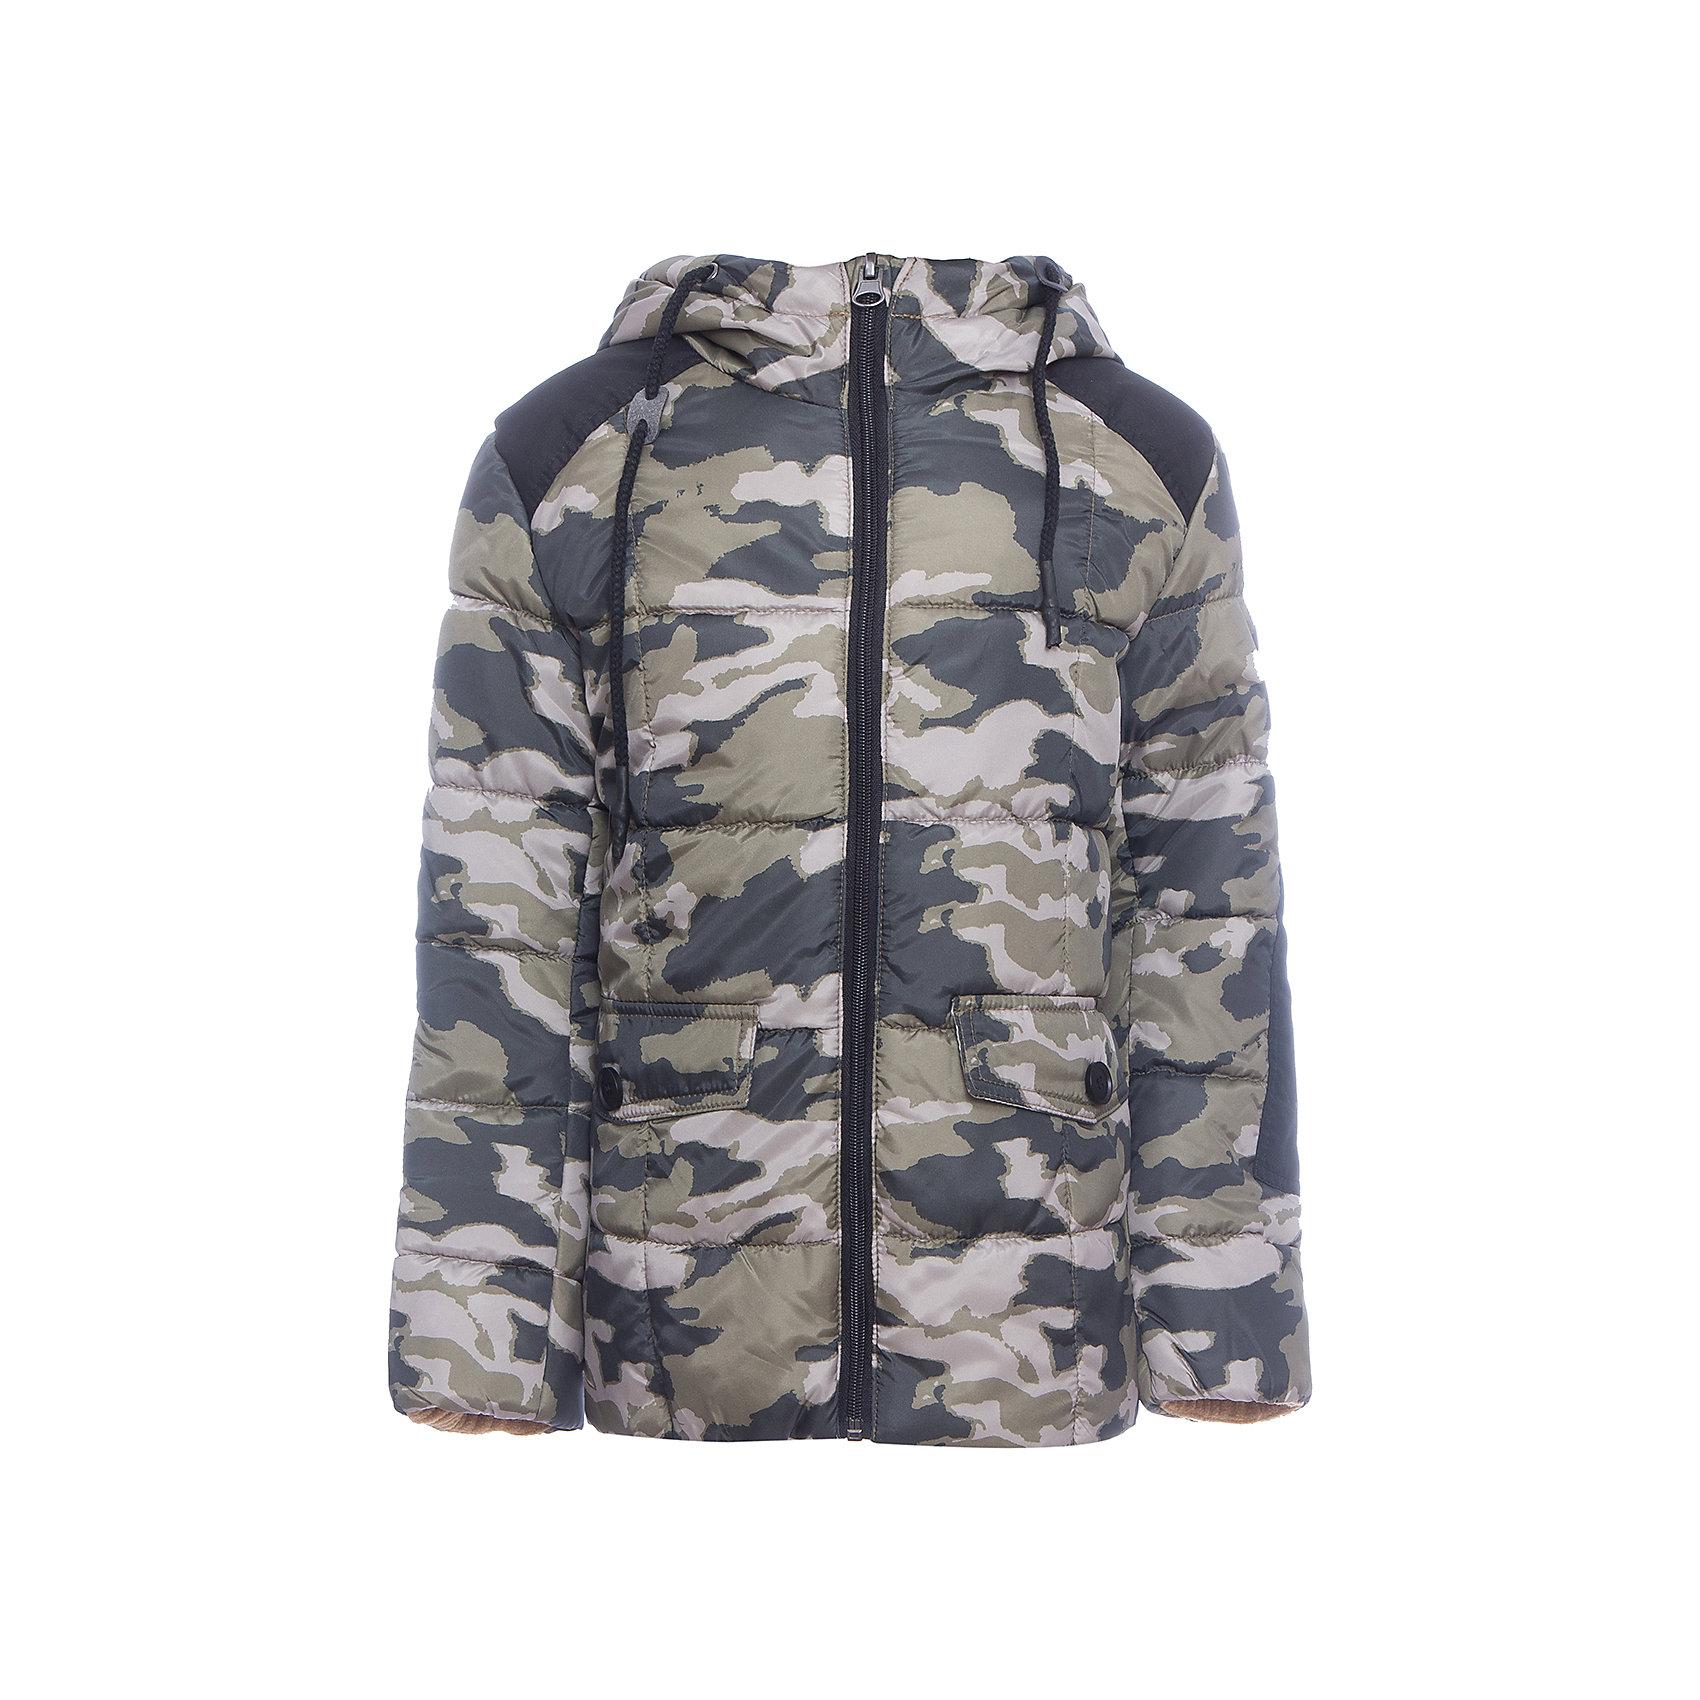 Куртка BOOM by Orby для мальчикаВерхняя одежда<br>Характеристики товара:<br><br>• цвет: коричневый<br>• ткань верха: Болонь pu milky <br>• подкладка: ПЭ пуходержащий<br>• утеплитель: Flexy Fiber 200 г/м2<br>• отделка: Таслан pu milky<br>• сезон: демисезон<br>• температурный режим: от -5° до +10°С<br>• особенности: на молнии, стеганая<br>• тип куртки: стеганая<br>• капюшон: без меха, несъемный<br>• страна бренда: Россия<br>• страна изготовитель: Россия<br><br>Правильная демисезонная одежда для детей должна учитывать переменную погоду, быть теплой и удобной, как эта куртка для мальчика. Благодаря утеплителю, оптимальному прилеганию и капюшону такая куртка защитит ребенка от холода и сырости в демисезон. <br><br>Куртку BOOM by Orby для мальчика можно купить в нашем интернет-магазине.<br><br>Ширина мм: 356<br>Глубина мм: 10<br>Высота мм: 245<br>Вес г: 519<br>Цвет: коричневый<br>Возраст от месяцев: 144<br>Возраст до месяцев: 156<br>Пол: Мужской<br>Возраст: Детский<br>Размер: 158,110,104,98,116,122,128,134,140,146,152<br>SKU: 7007386